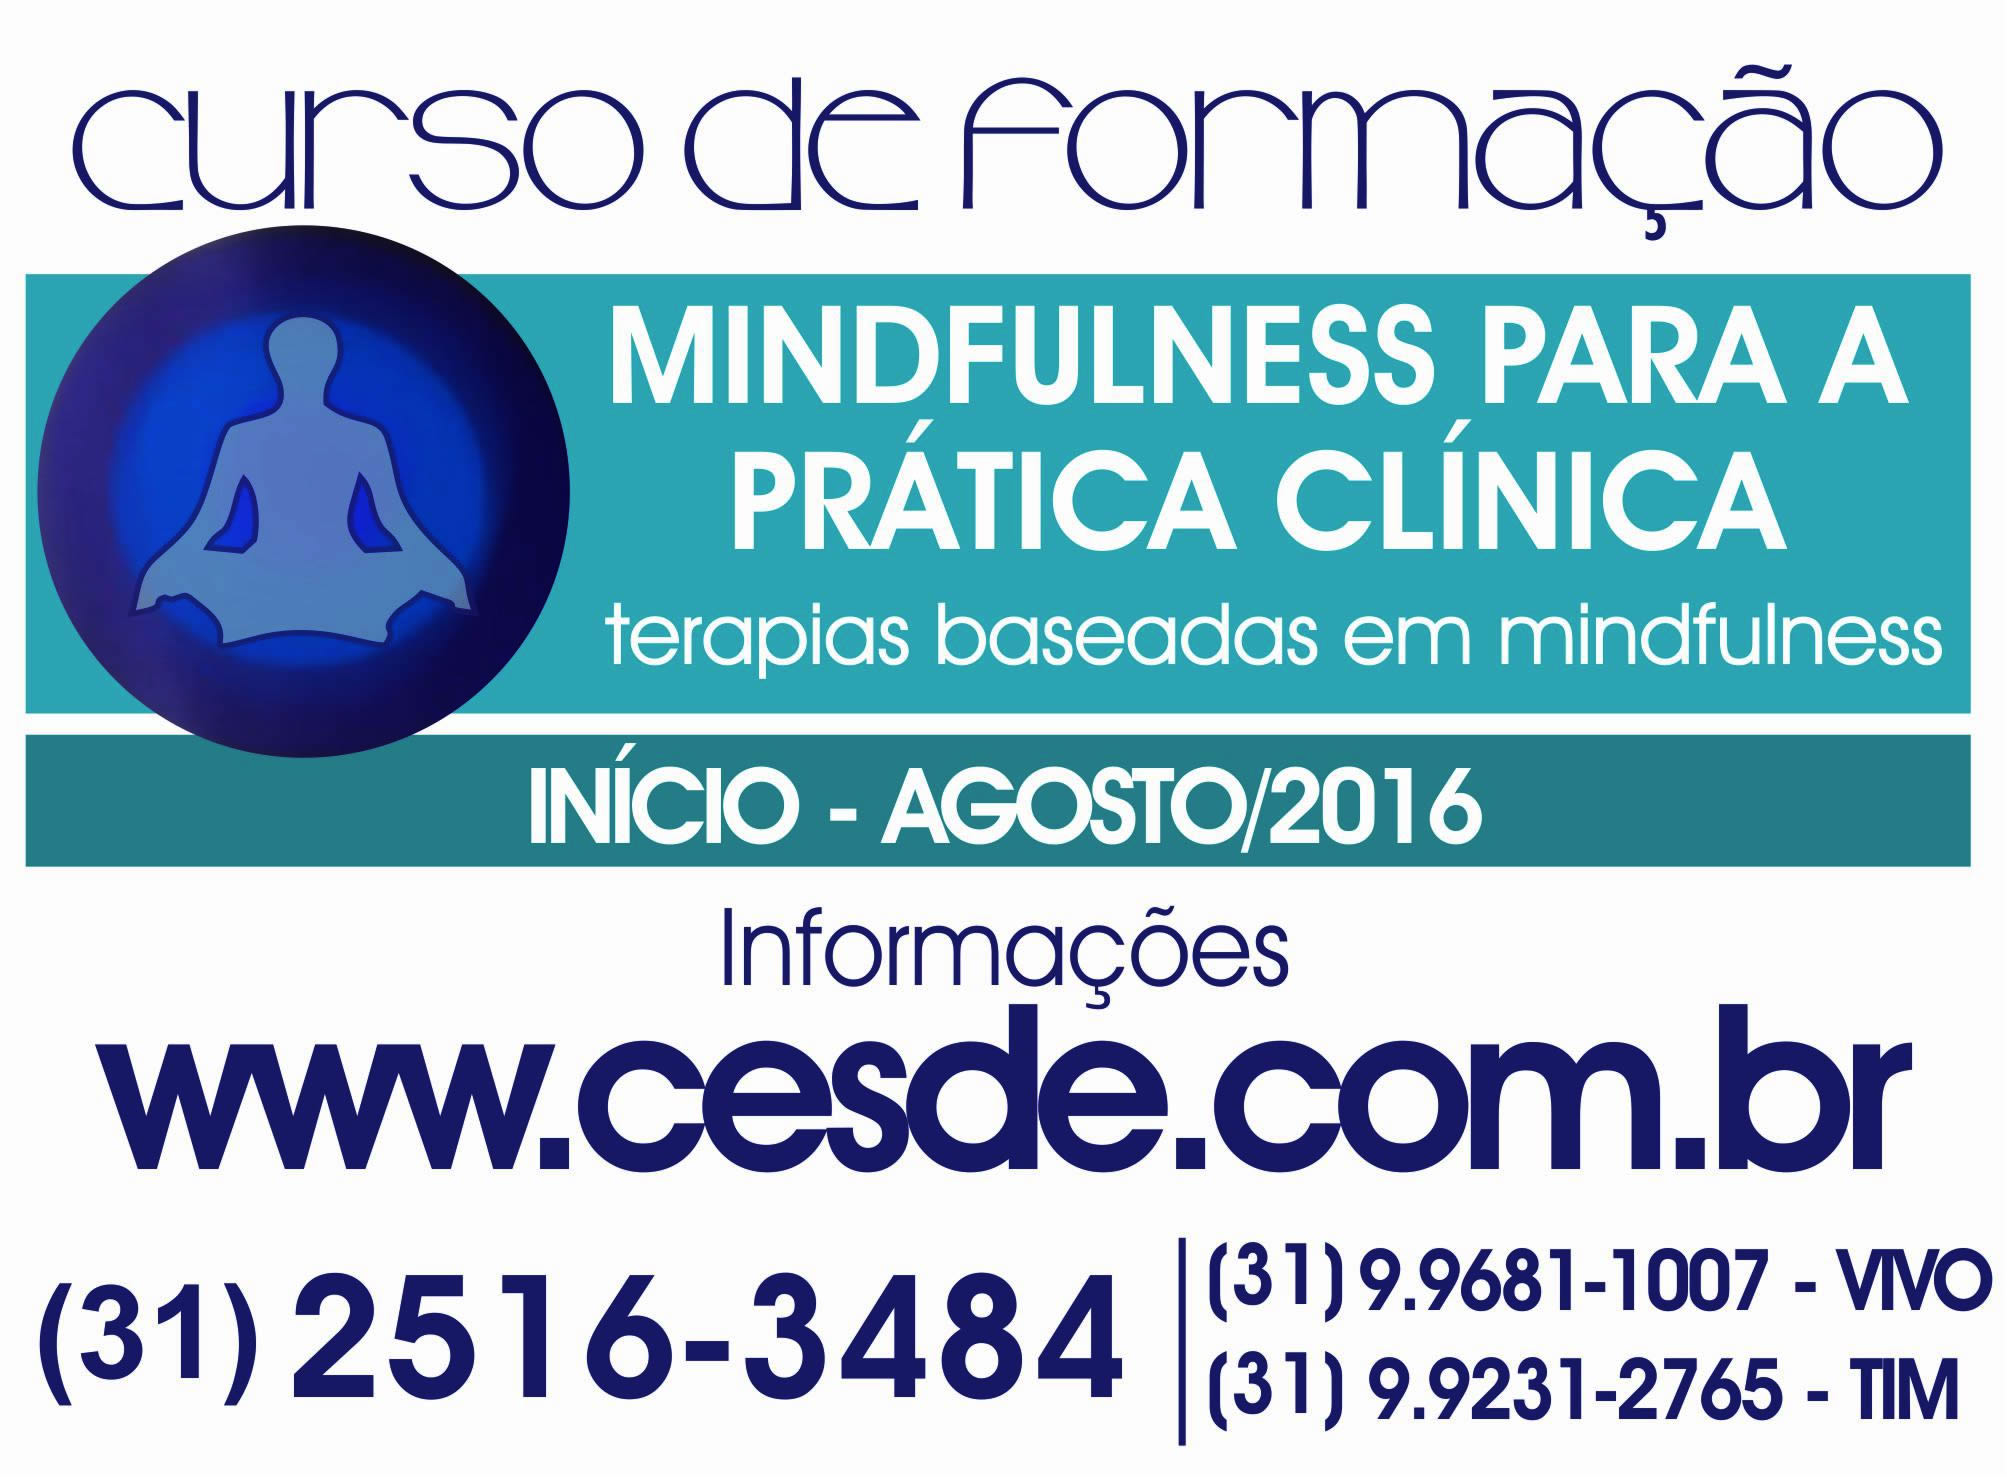 Formação em Mindfulness para a prática Clínica